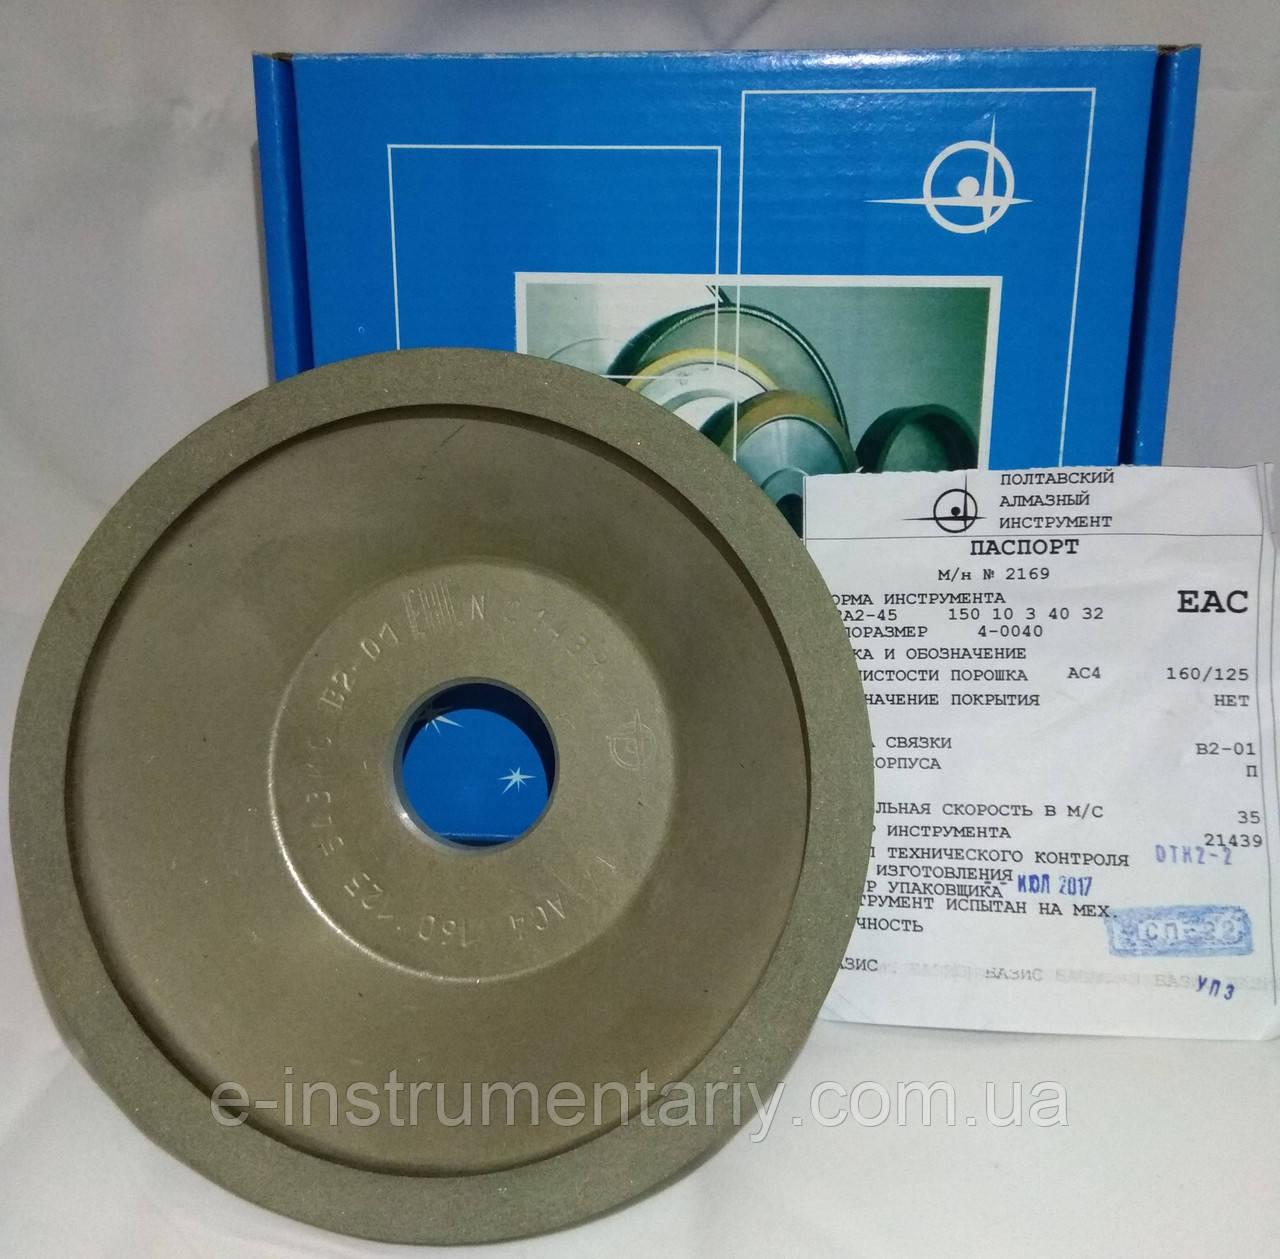 Алмазная чашка 150х10х3х40х32 (12А2-45°) 100% АС4 Связка В2-01